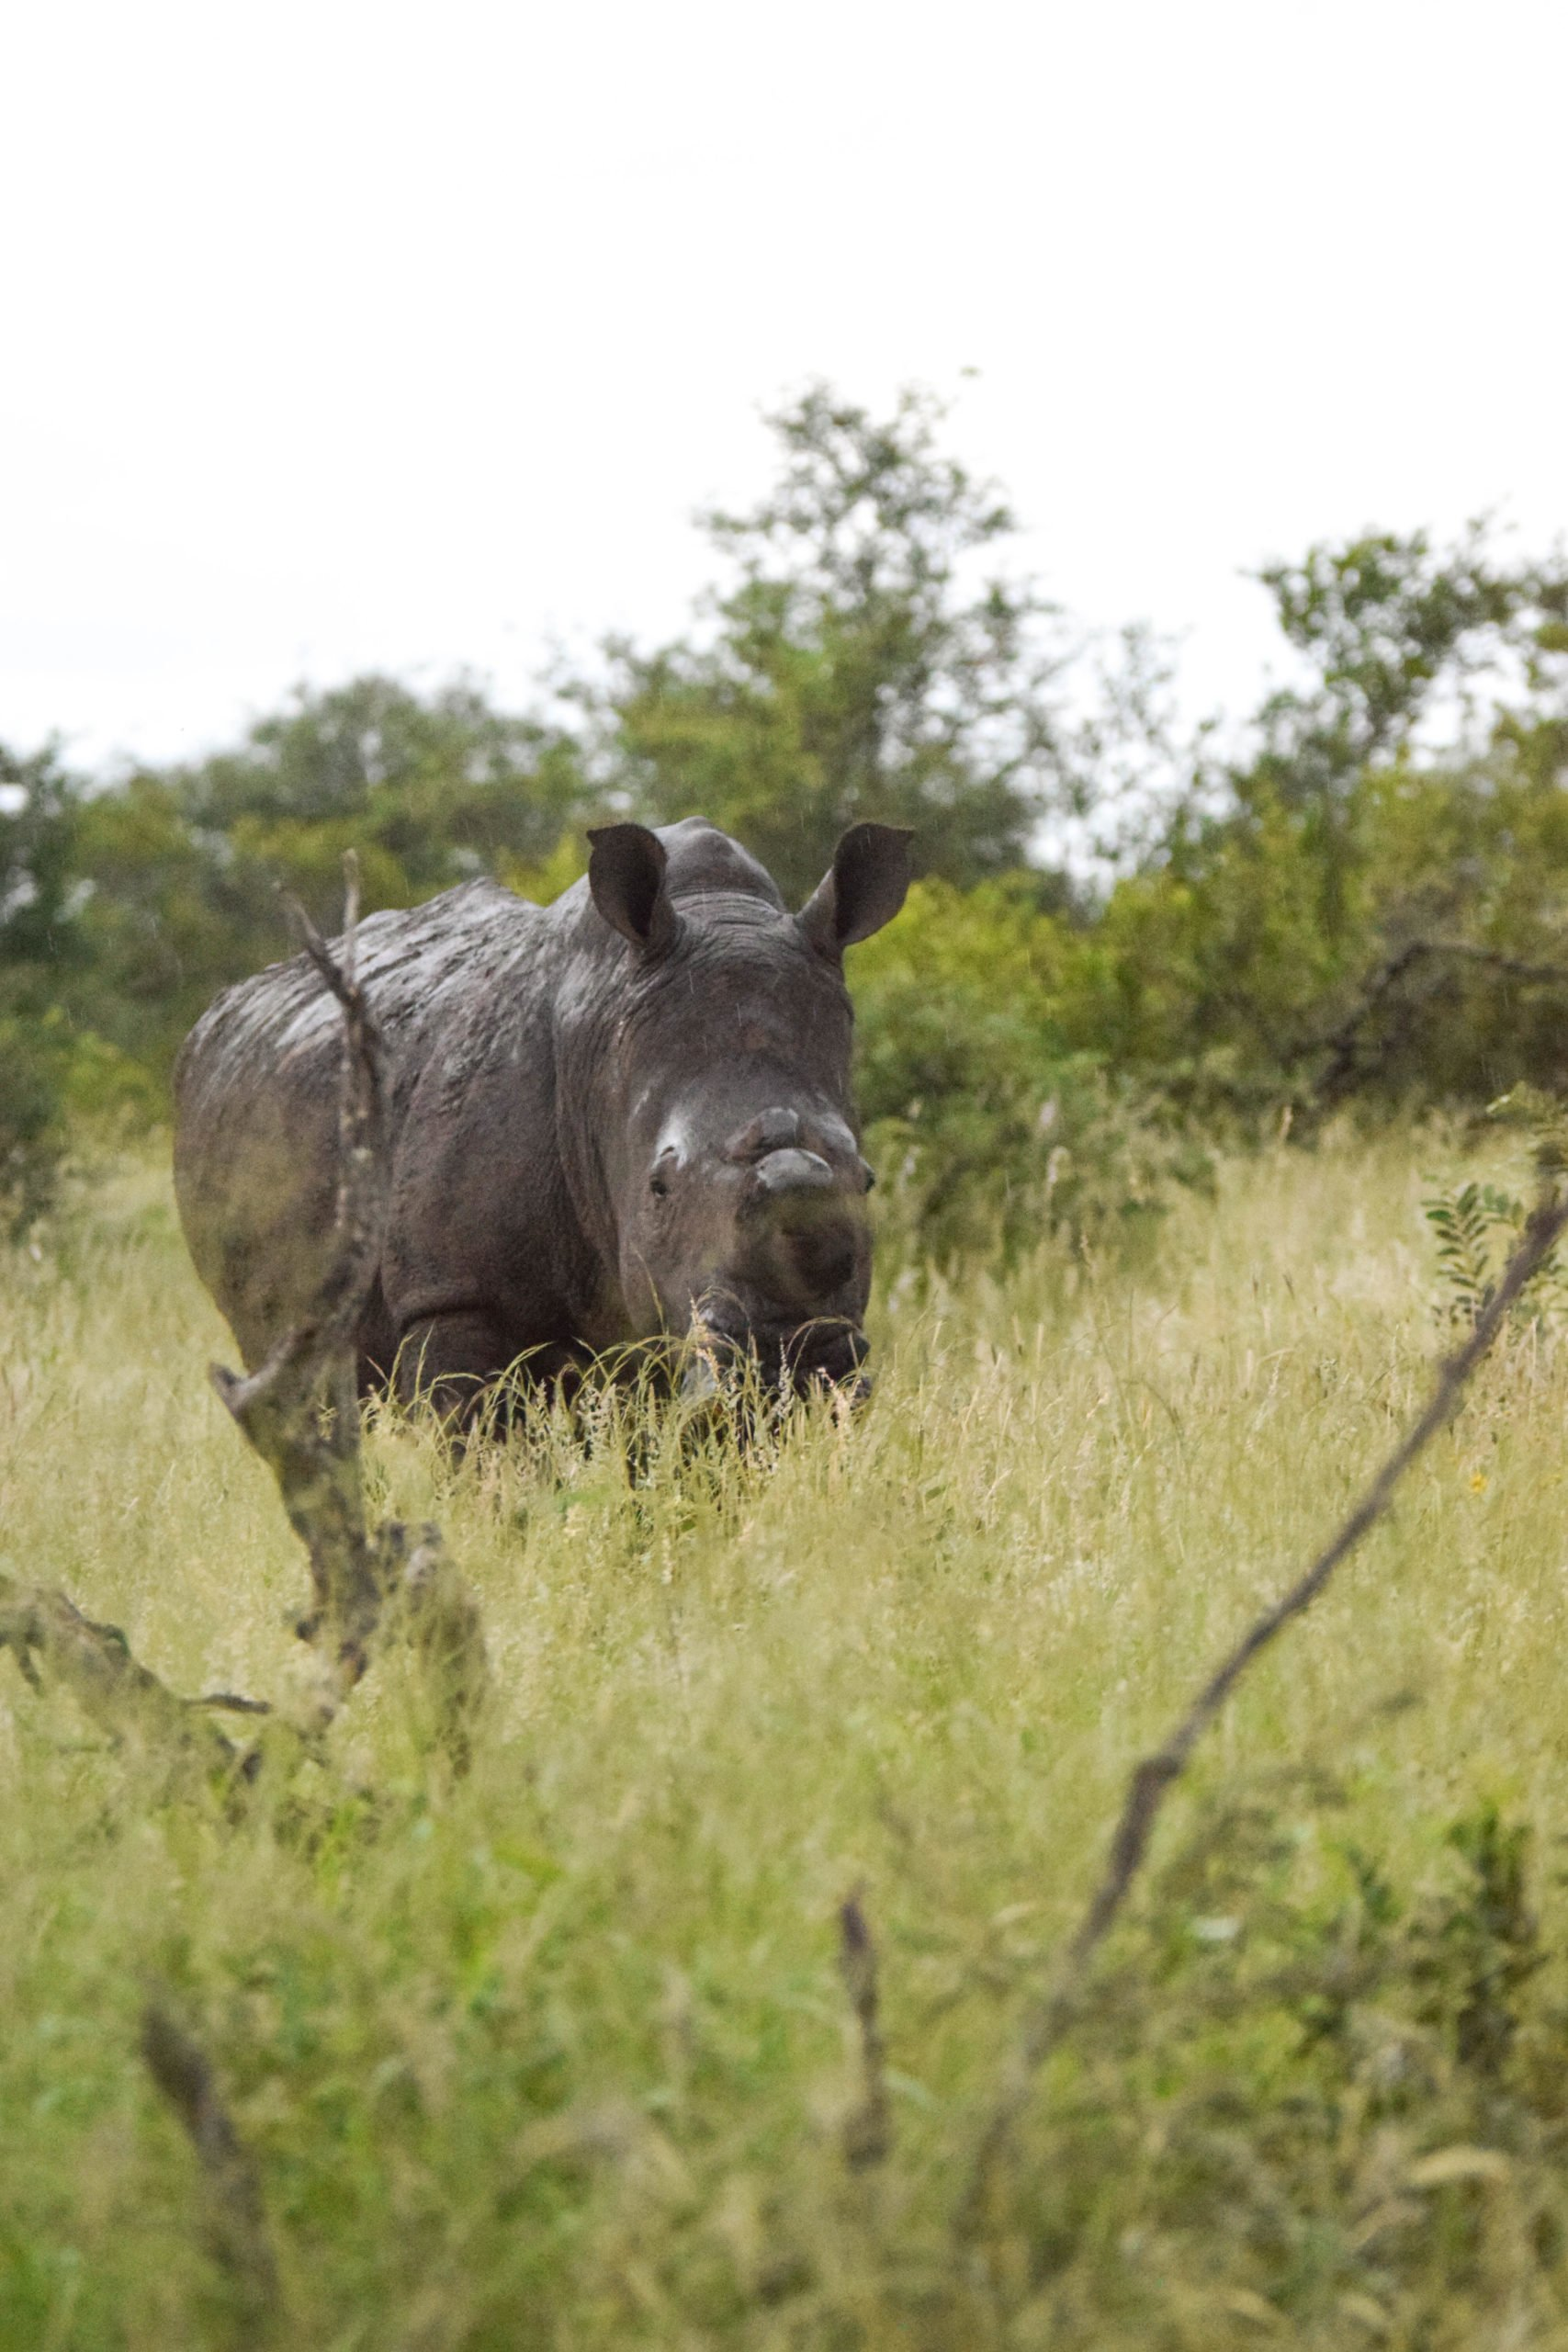 De-horned Rhino, South Africa